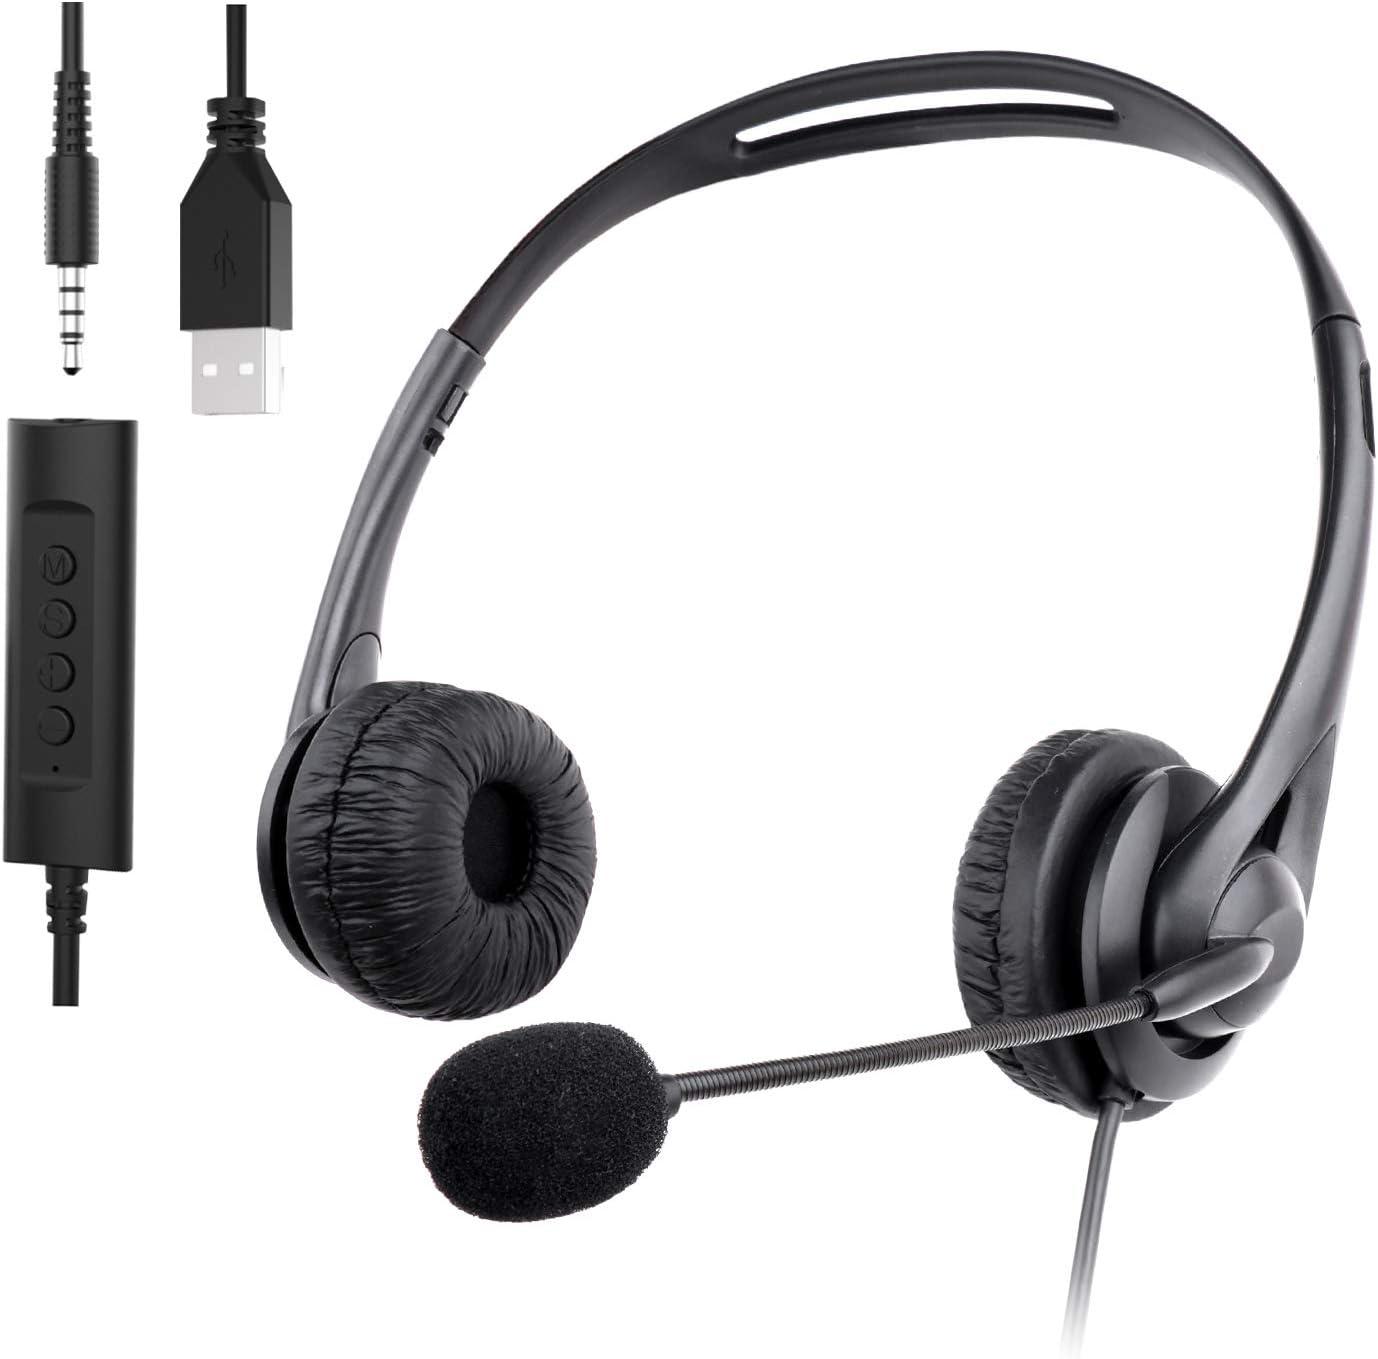 con cancelaci/ón de Ruido del micr/ófono Muljexno Auriculares USB con micr/ófono con reducci/ón de Ruido Jack de 3,5 mm adecuados para PC//port/átil//tel/éfono Android Auriculares Skype